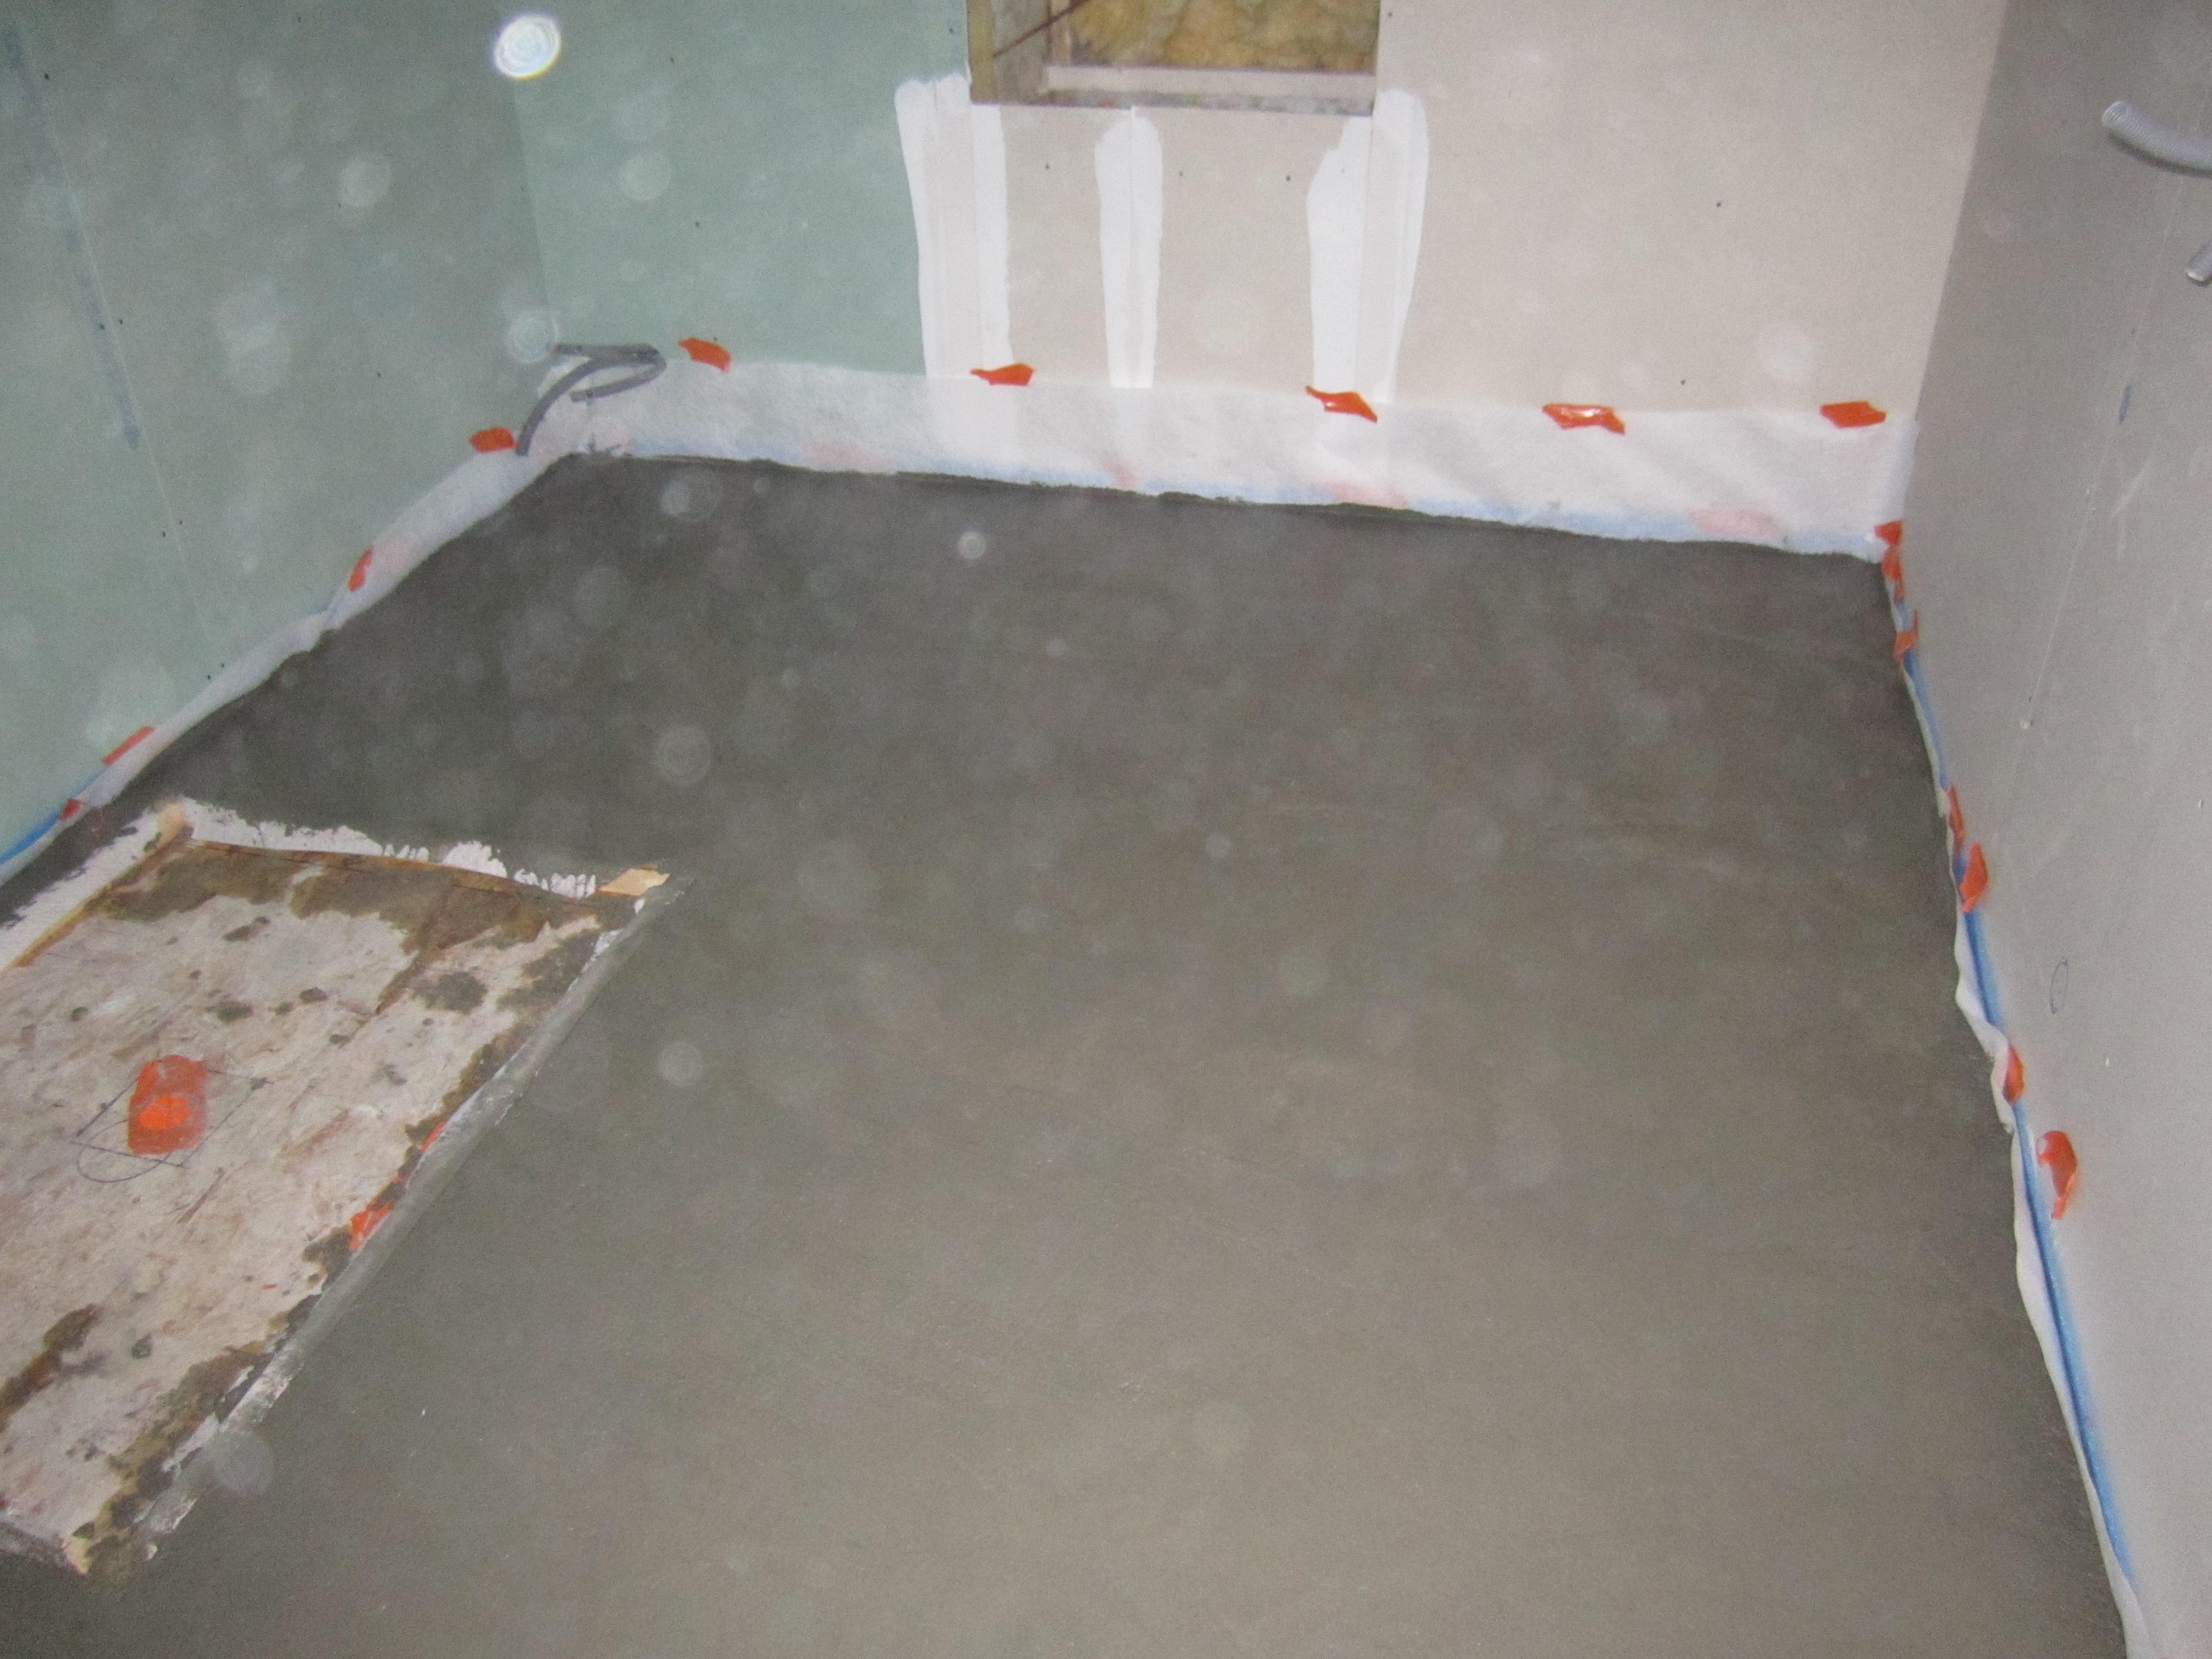 Chape beton sur plancher osb pour salle de bain - Communauté Leroy